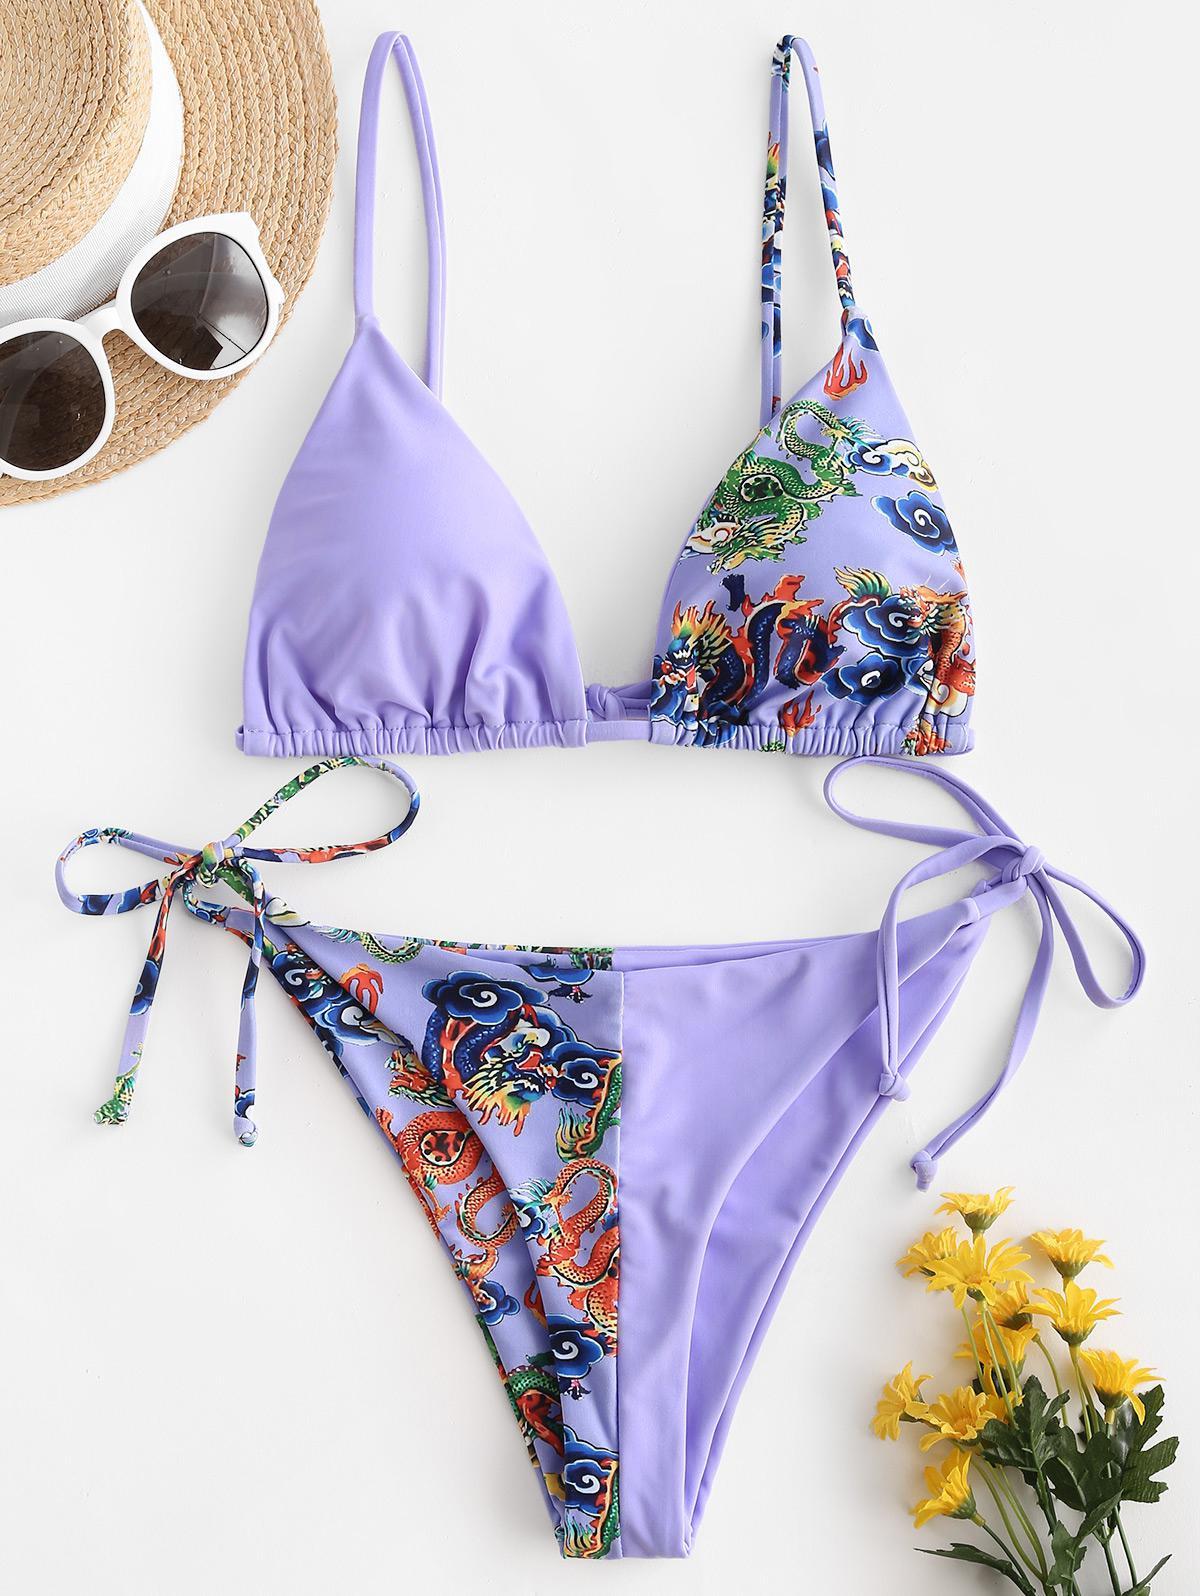 ZAFUL Chinoiserie Dragon Print Tanga String Bikini Swimwear